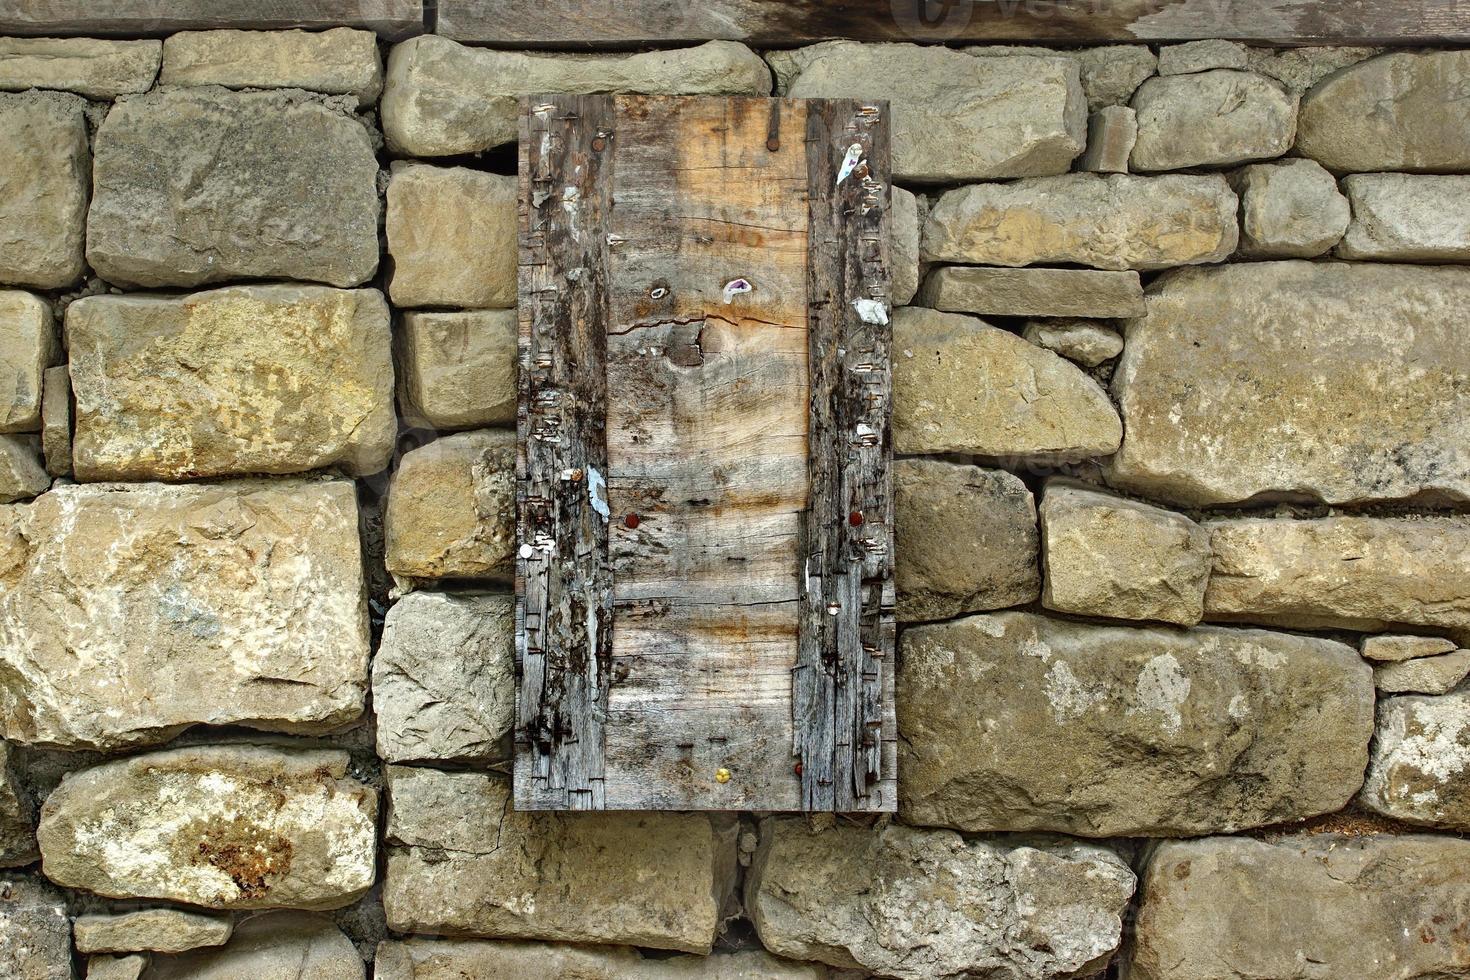 quadro indicador de madeira vintage na velha parede de pedra foto